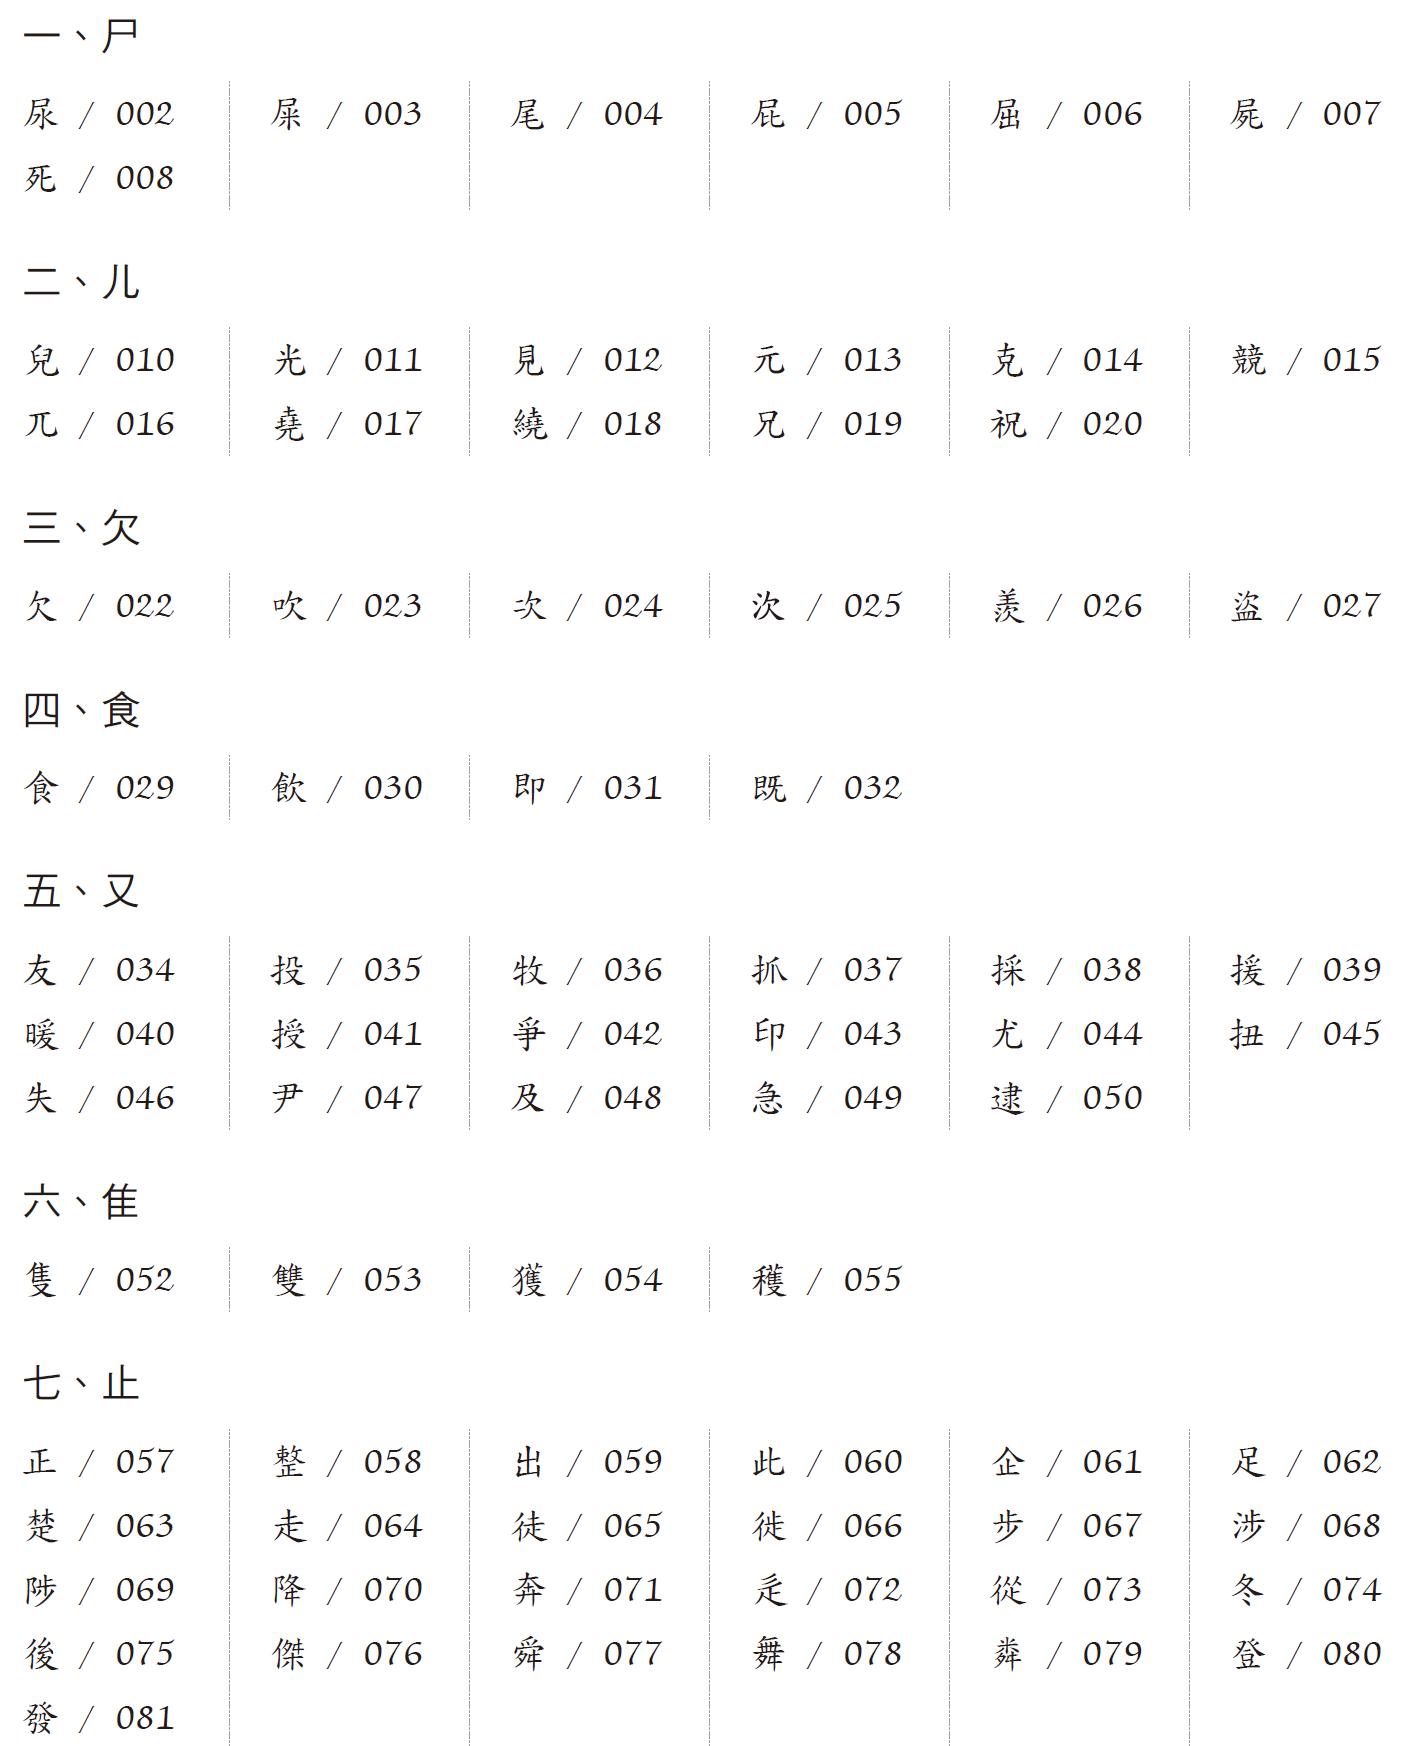 有生命的漢字-部件意義化識字教材(學生版)